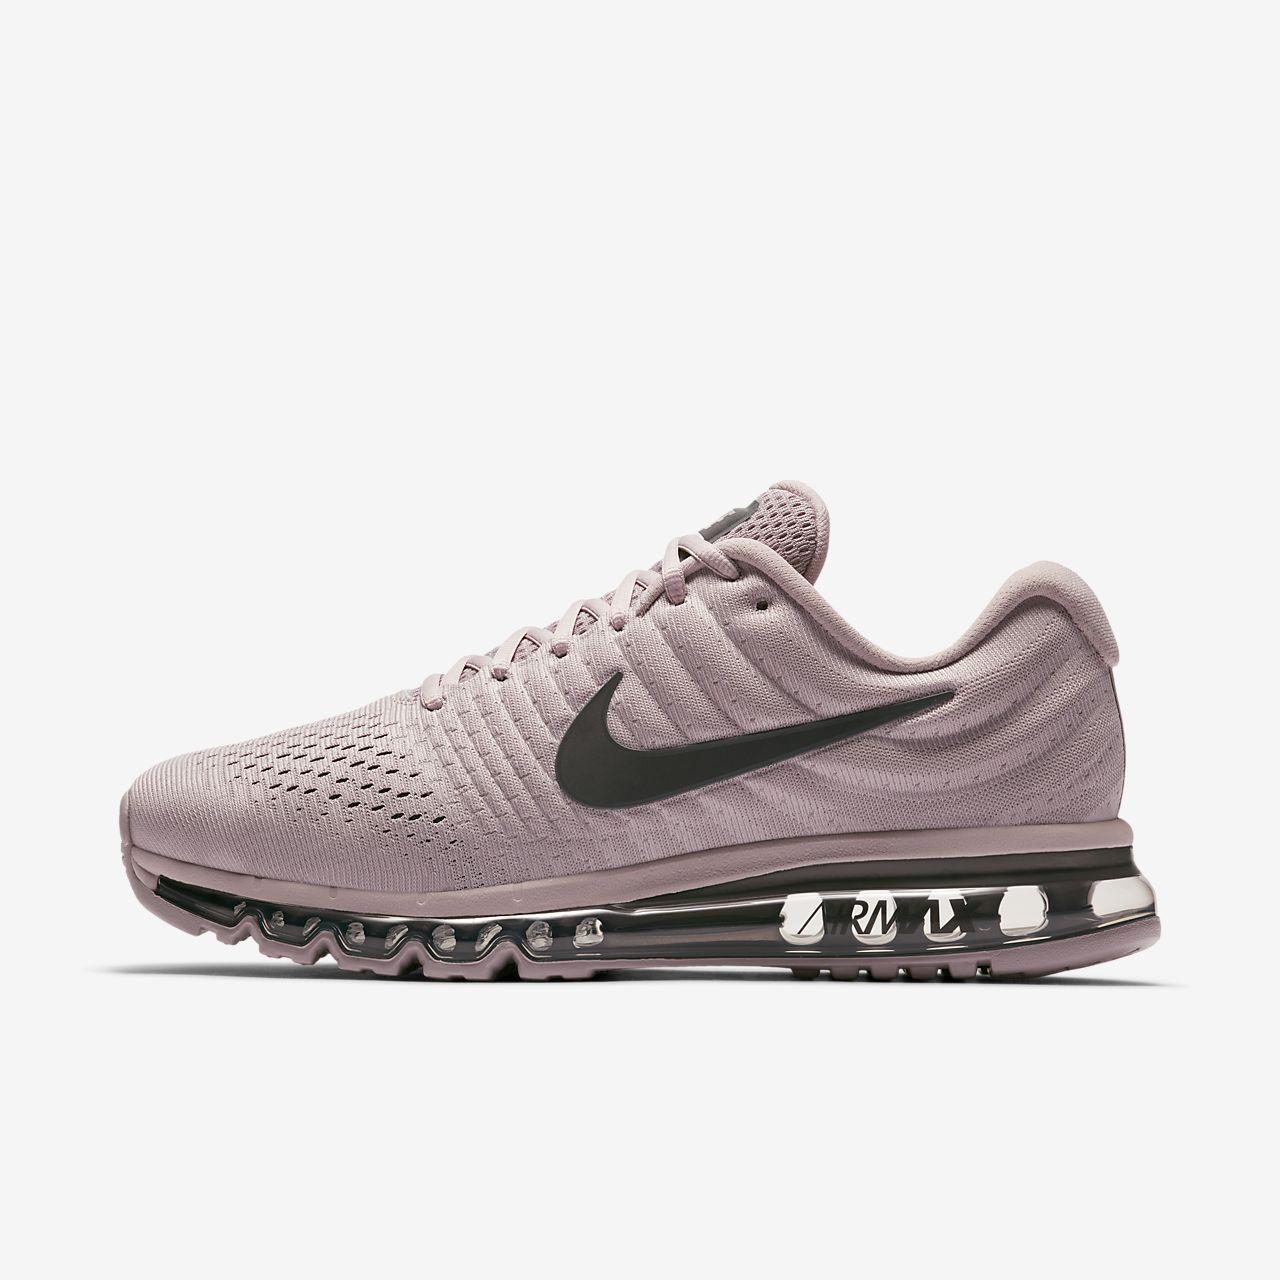 wholesale dealer 9fbdc 4fb03 ... Sko Nike Air Max 2017 SE för män